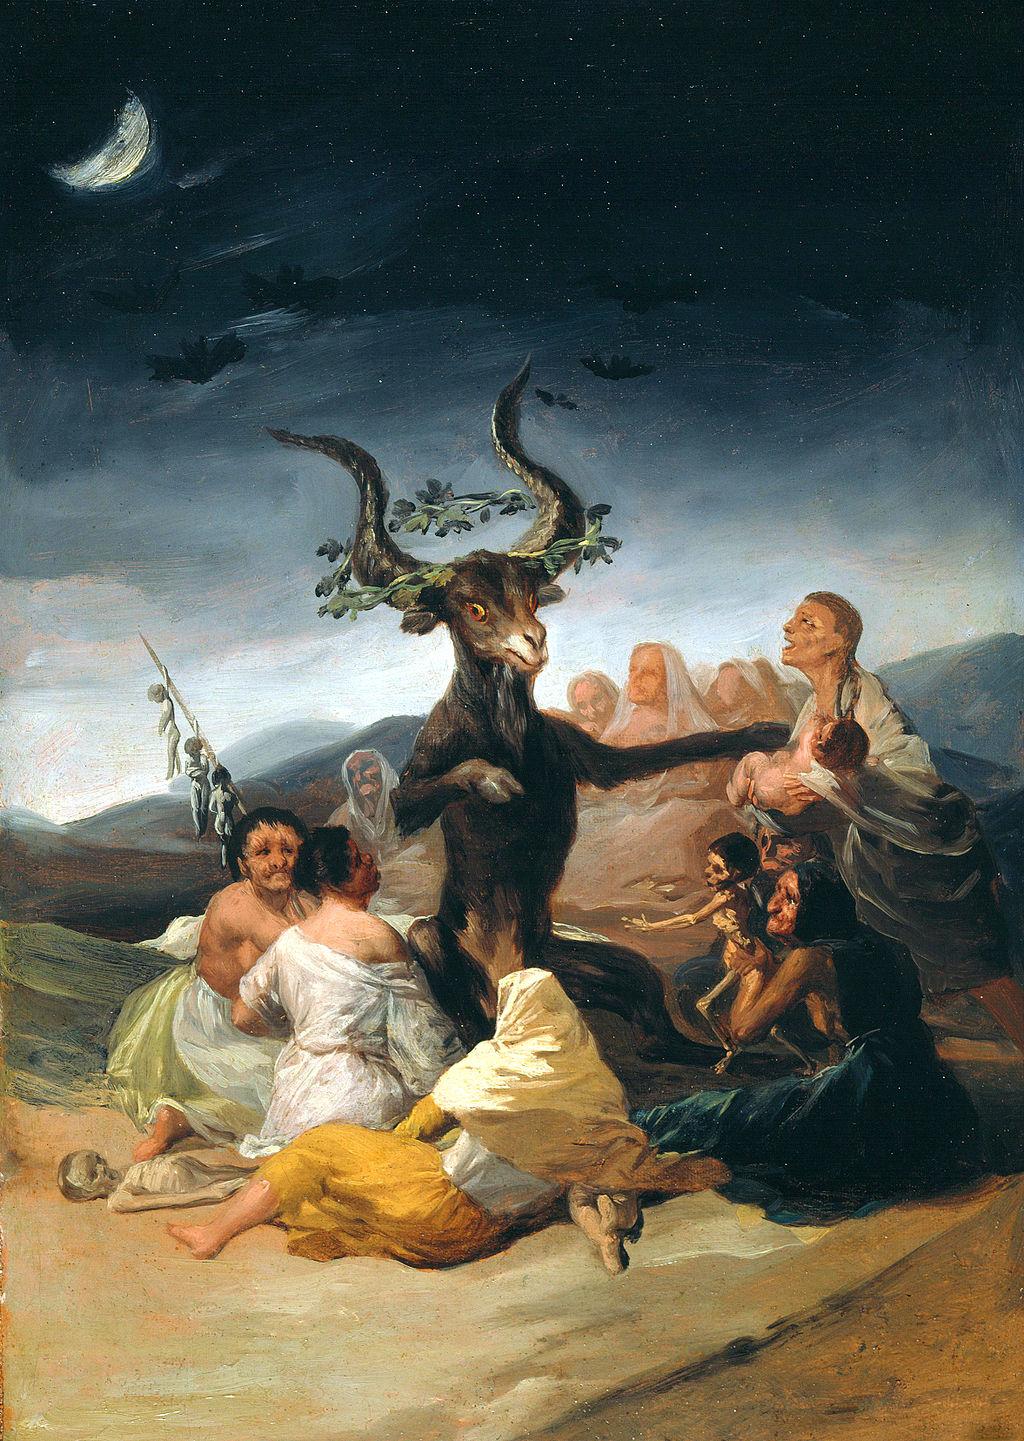 El aquelarre. Goya. Wikimedia Commons.